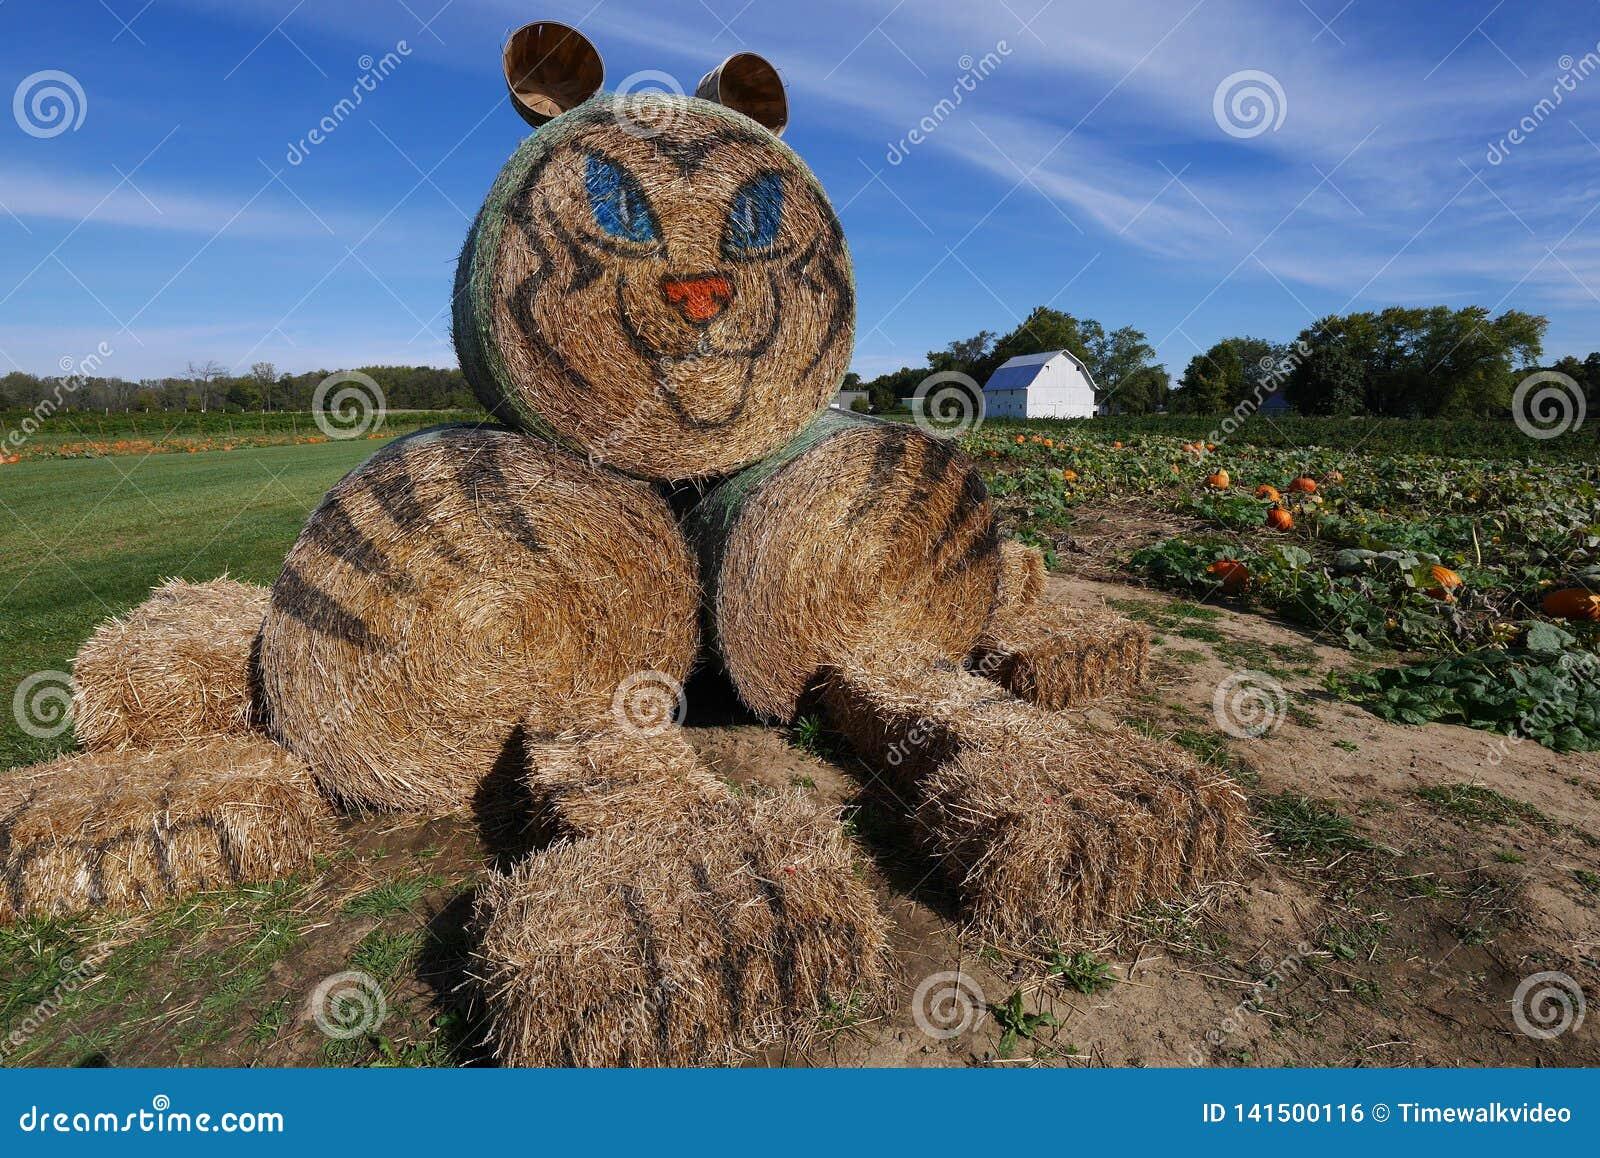 Tiger Hay Stacks - Day at the Farm